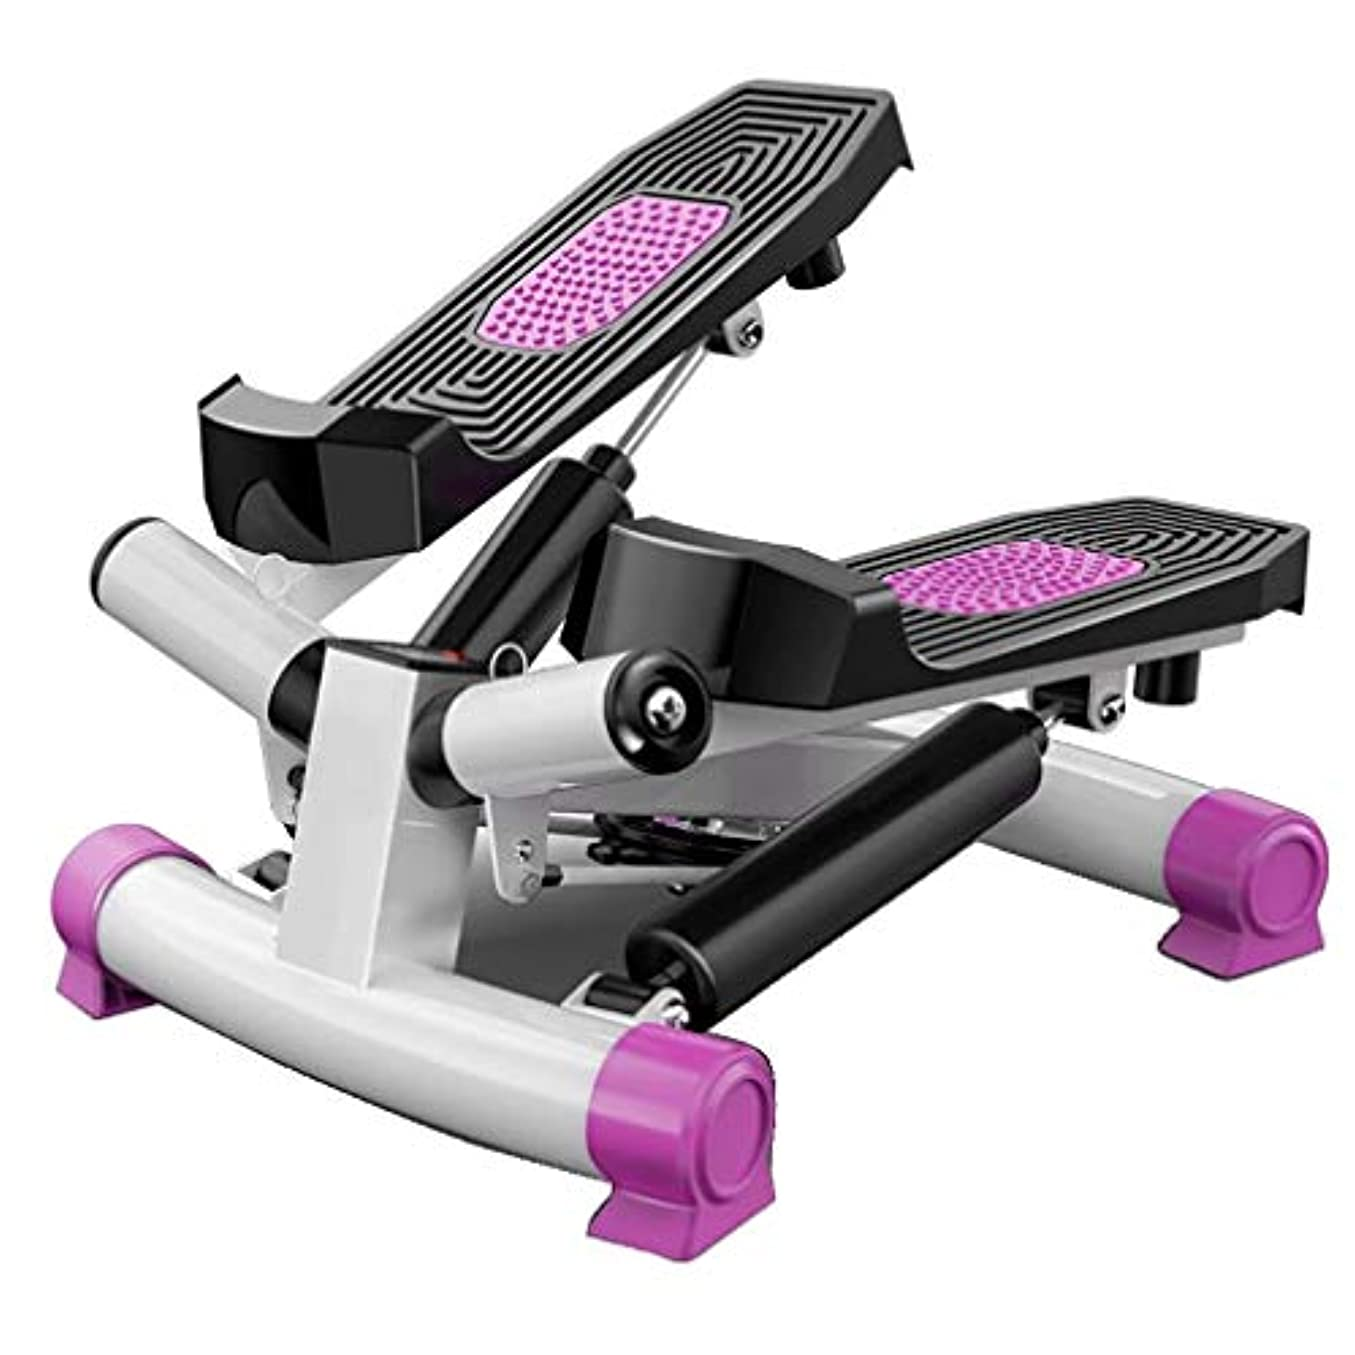 特権オーディションかみそりステップ モーション マシン,世帯 ペダルエクササイザー,フィットネス機器 ステッピング,屋内 サイクリング 自転車,液晶モニター,ホーム用 ジム トレーニング 紫の 38x39x31cm